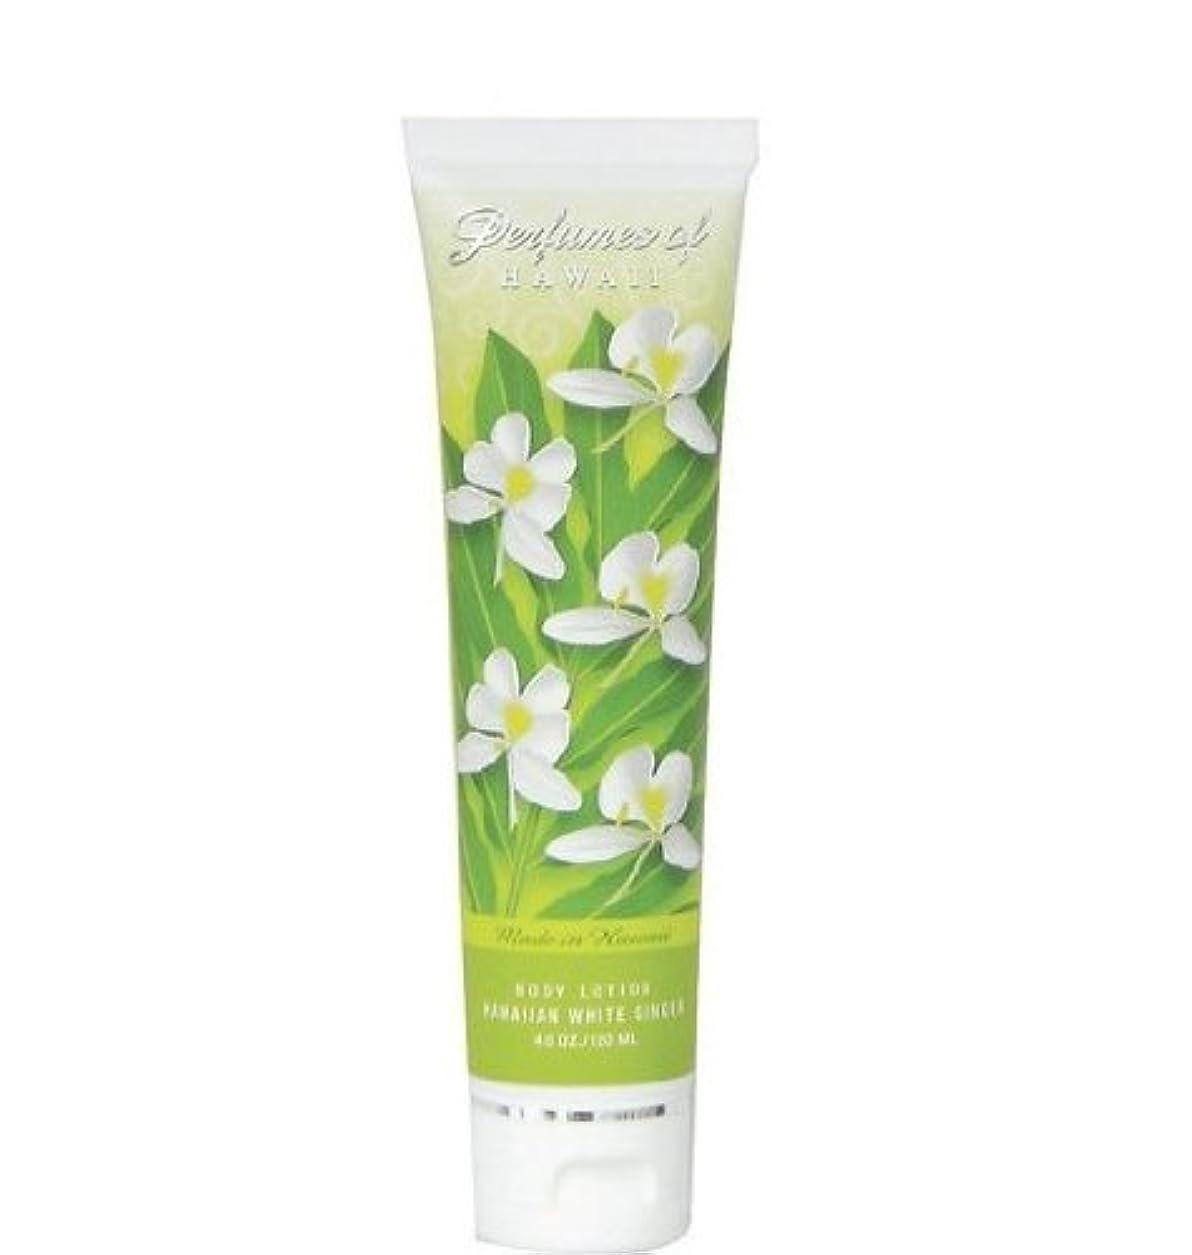 ホーンに変わるソロ【2本セット】ハワイ】ホワイトジンジャーボディーローション Hawaiian White Ginger Body Lotion - 4.0 Oz - Perfumes of Hawaii 海外直送品